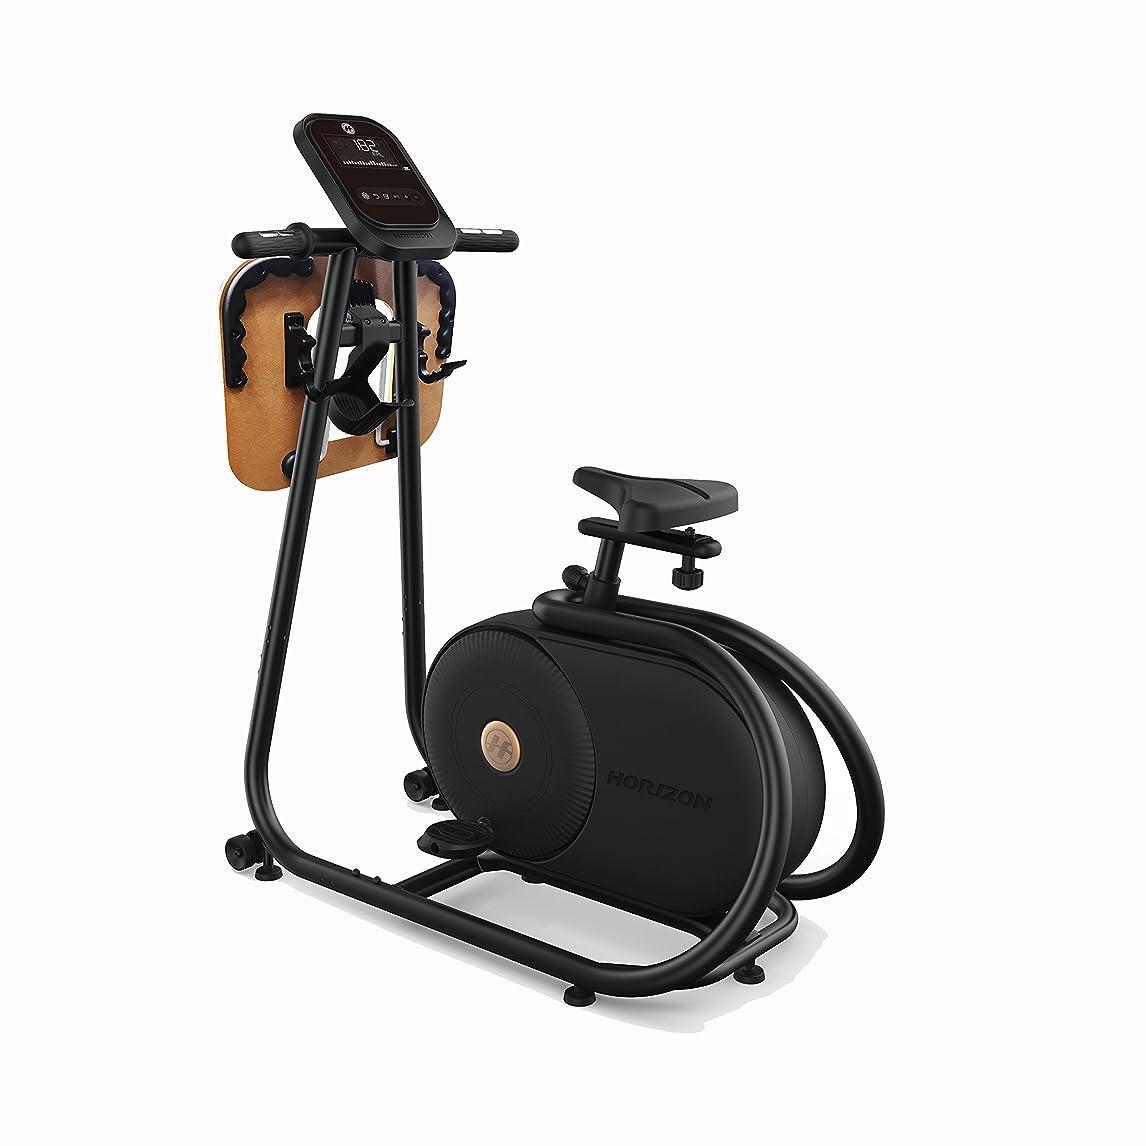 海上着実に過度のHorizon(ホライズン) フィットネスバイク アップライトバイク Citta BT5.0 ビーティー5.0 デスクトレイ付き スタイリッシュ コンパクト